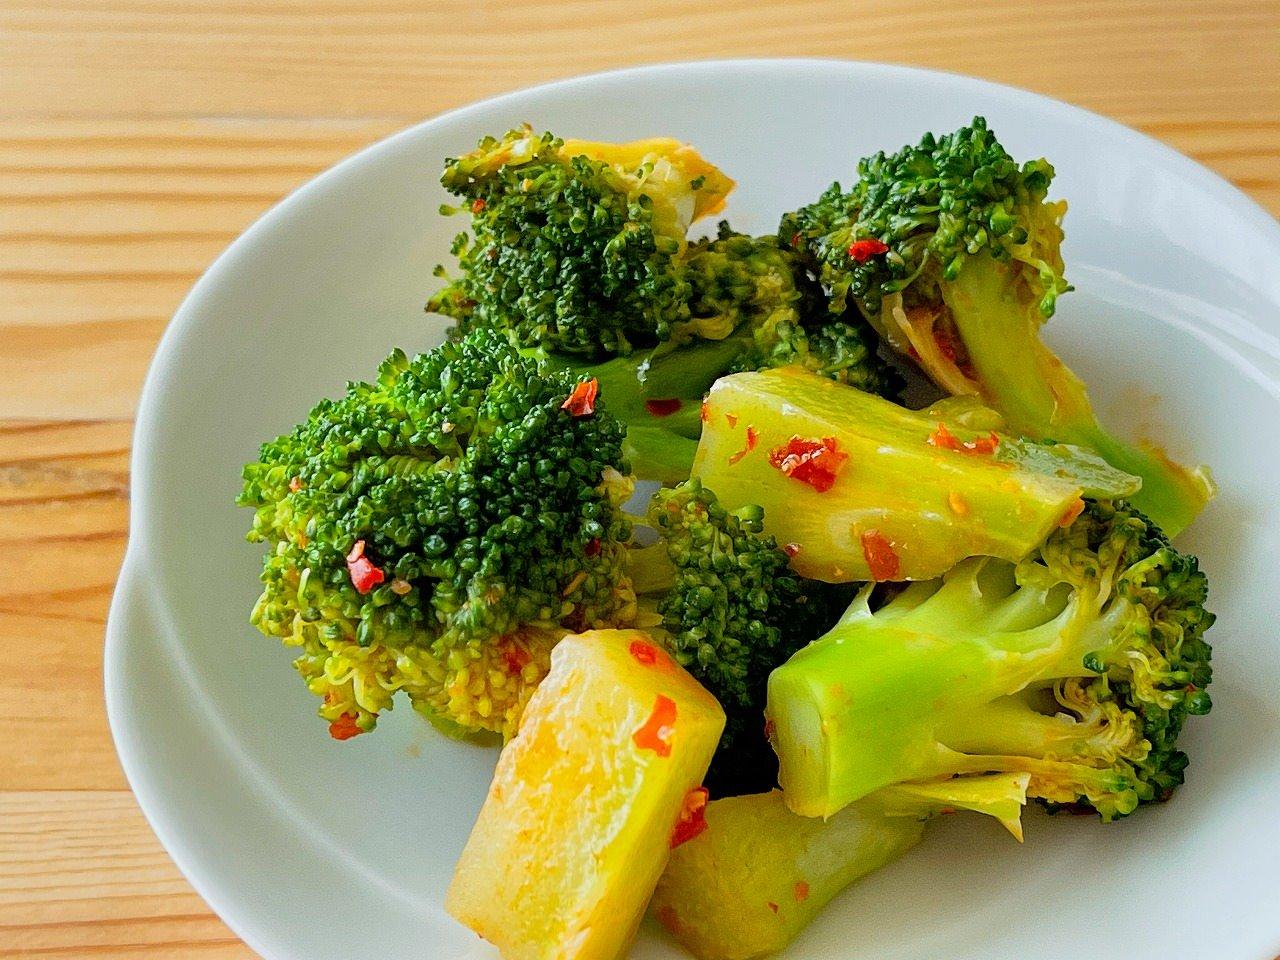 【野菜ひとつ】ブロッコリーのピリ辛和え